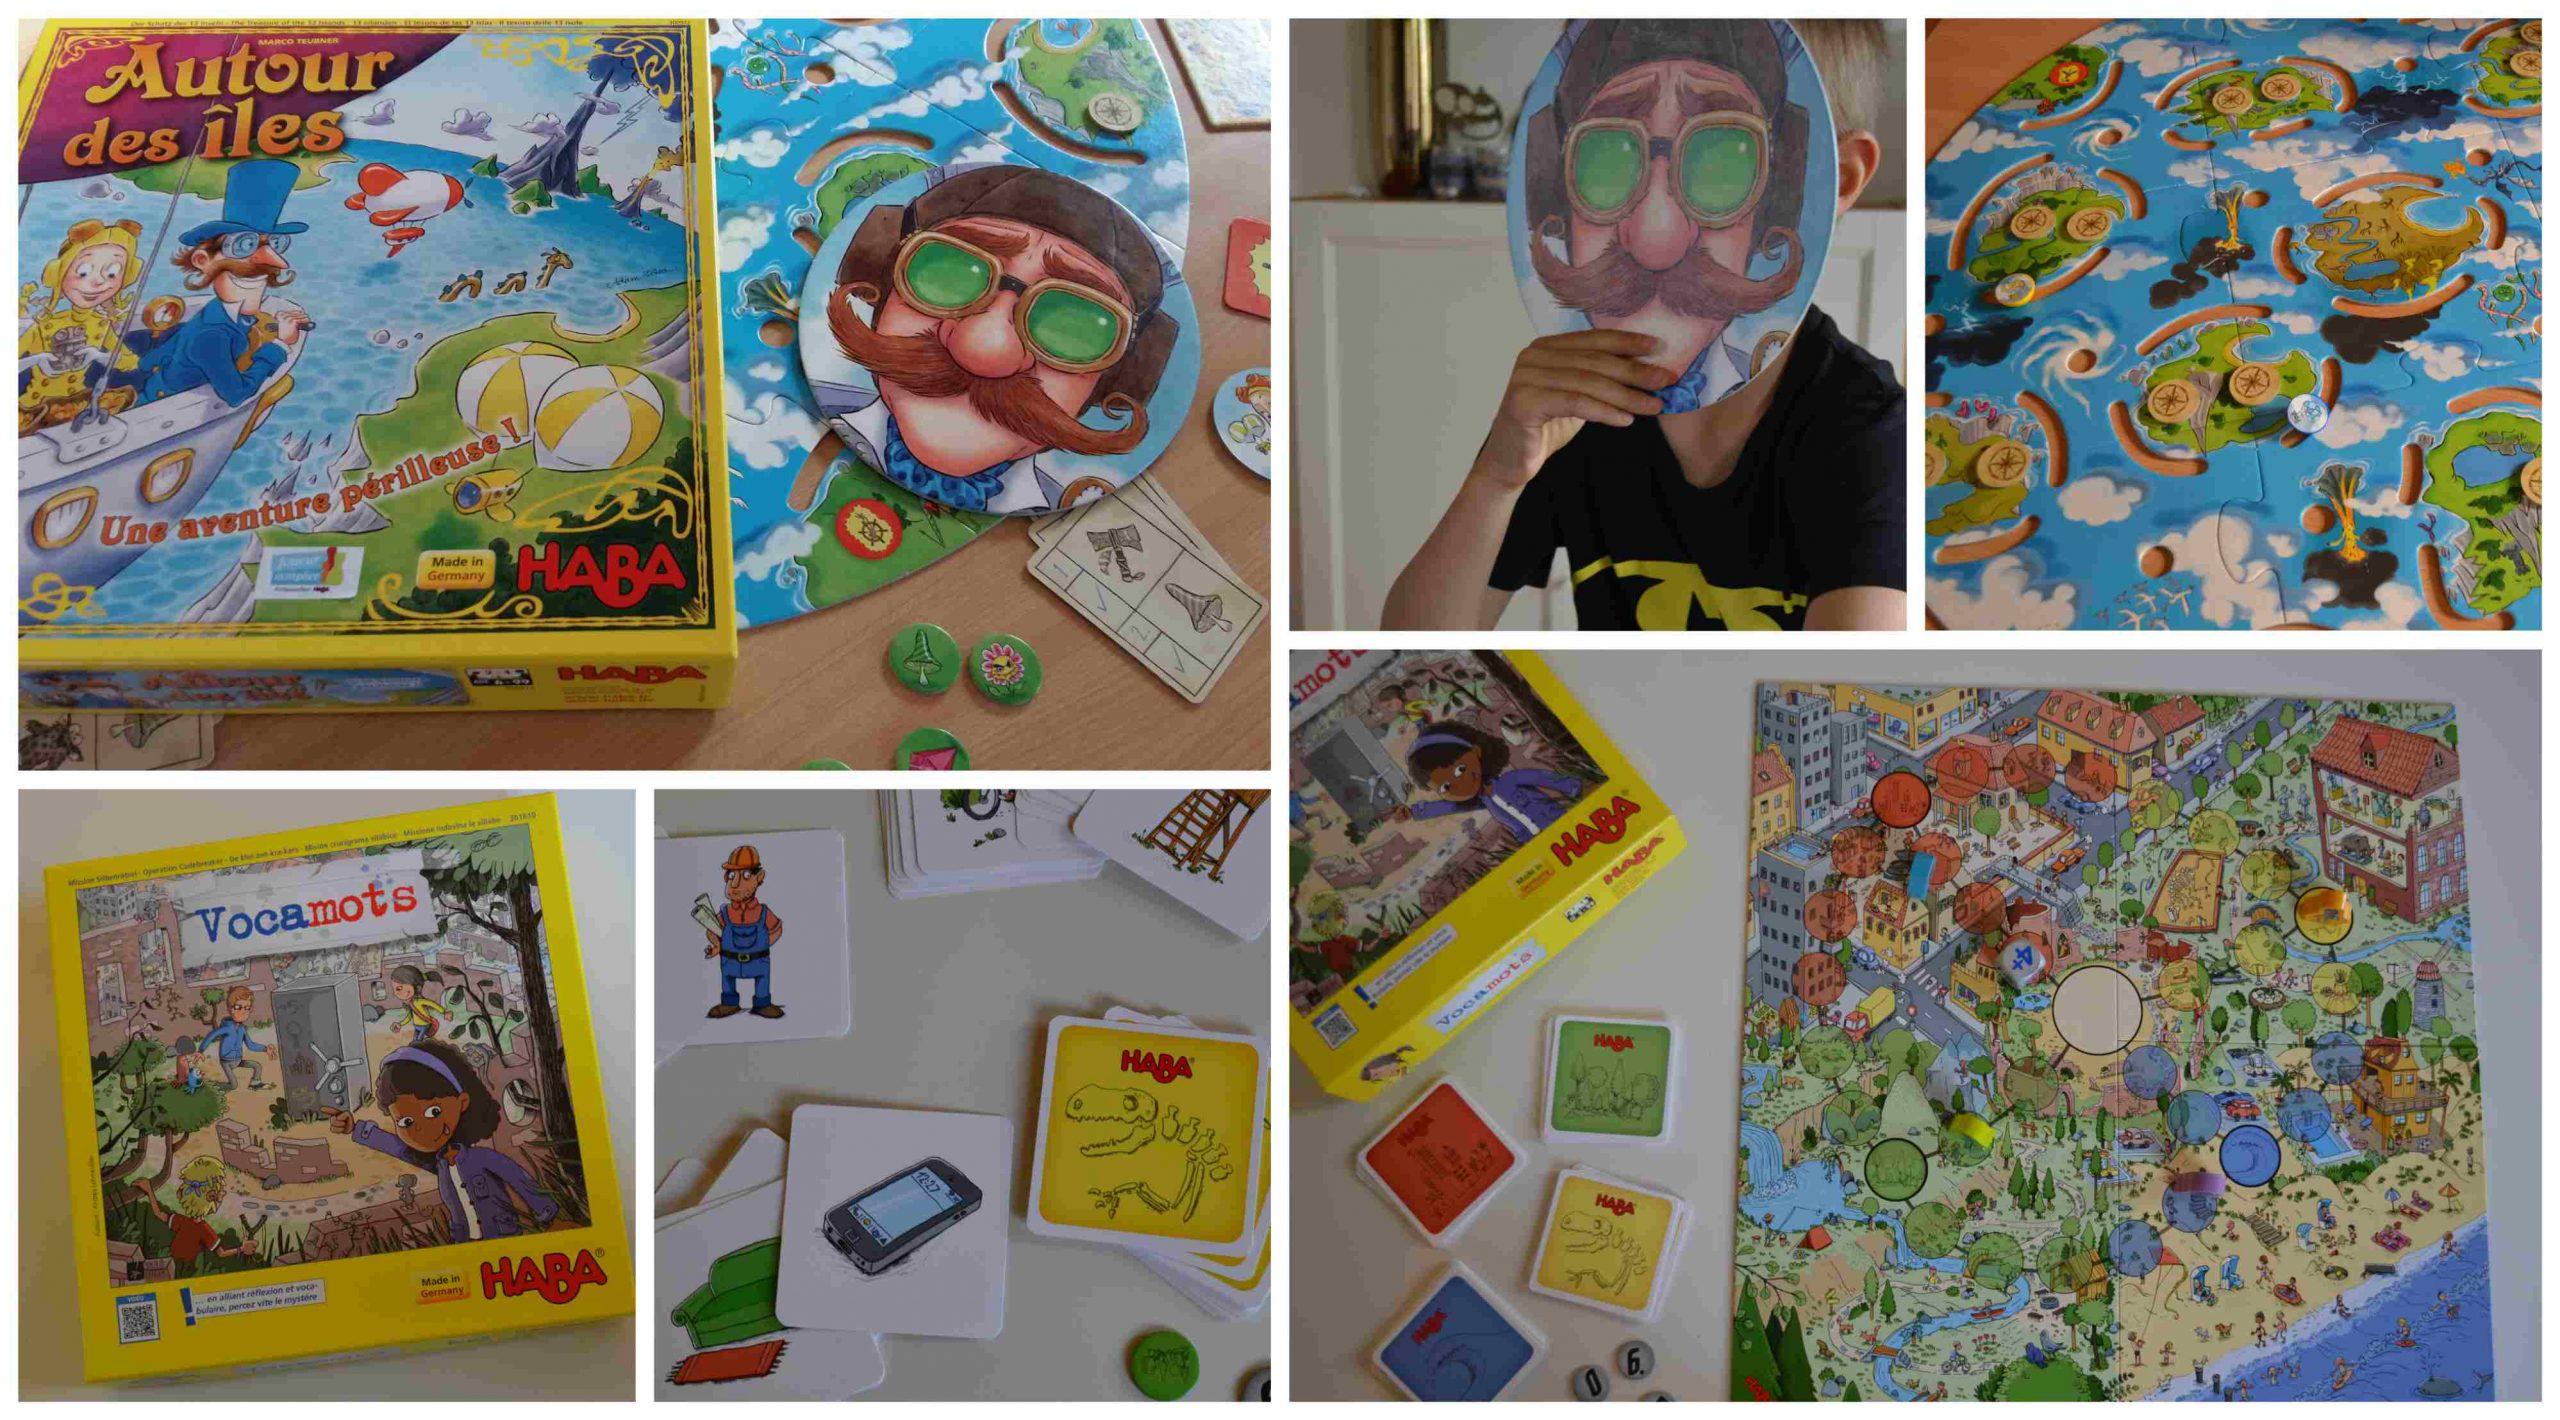 Vocamots & Autour Des Îles : Des Jeux Haba Pour Les 5-7 Ans encequiconcerne Jeux De Societe Enfant 5 Ans